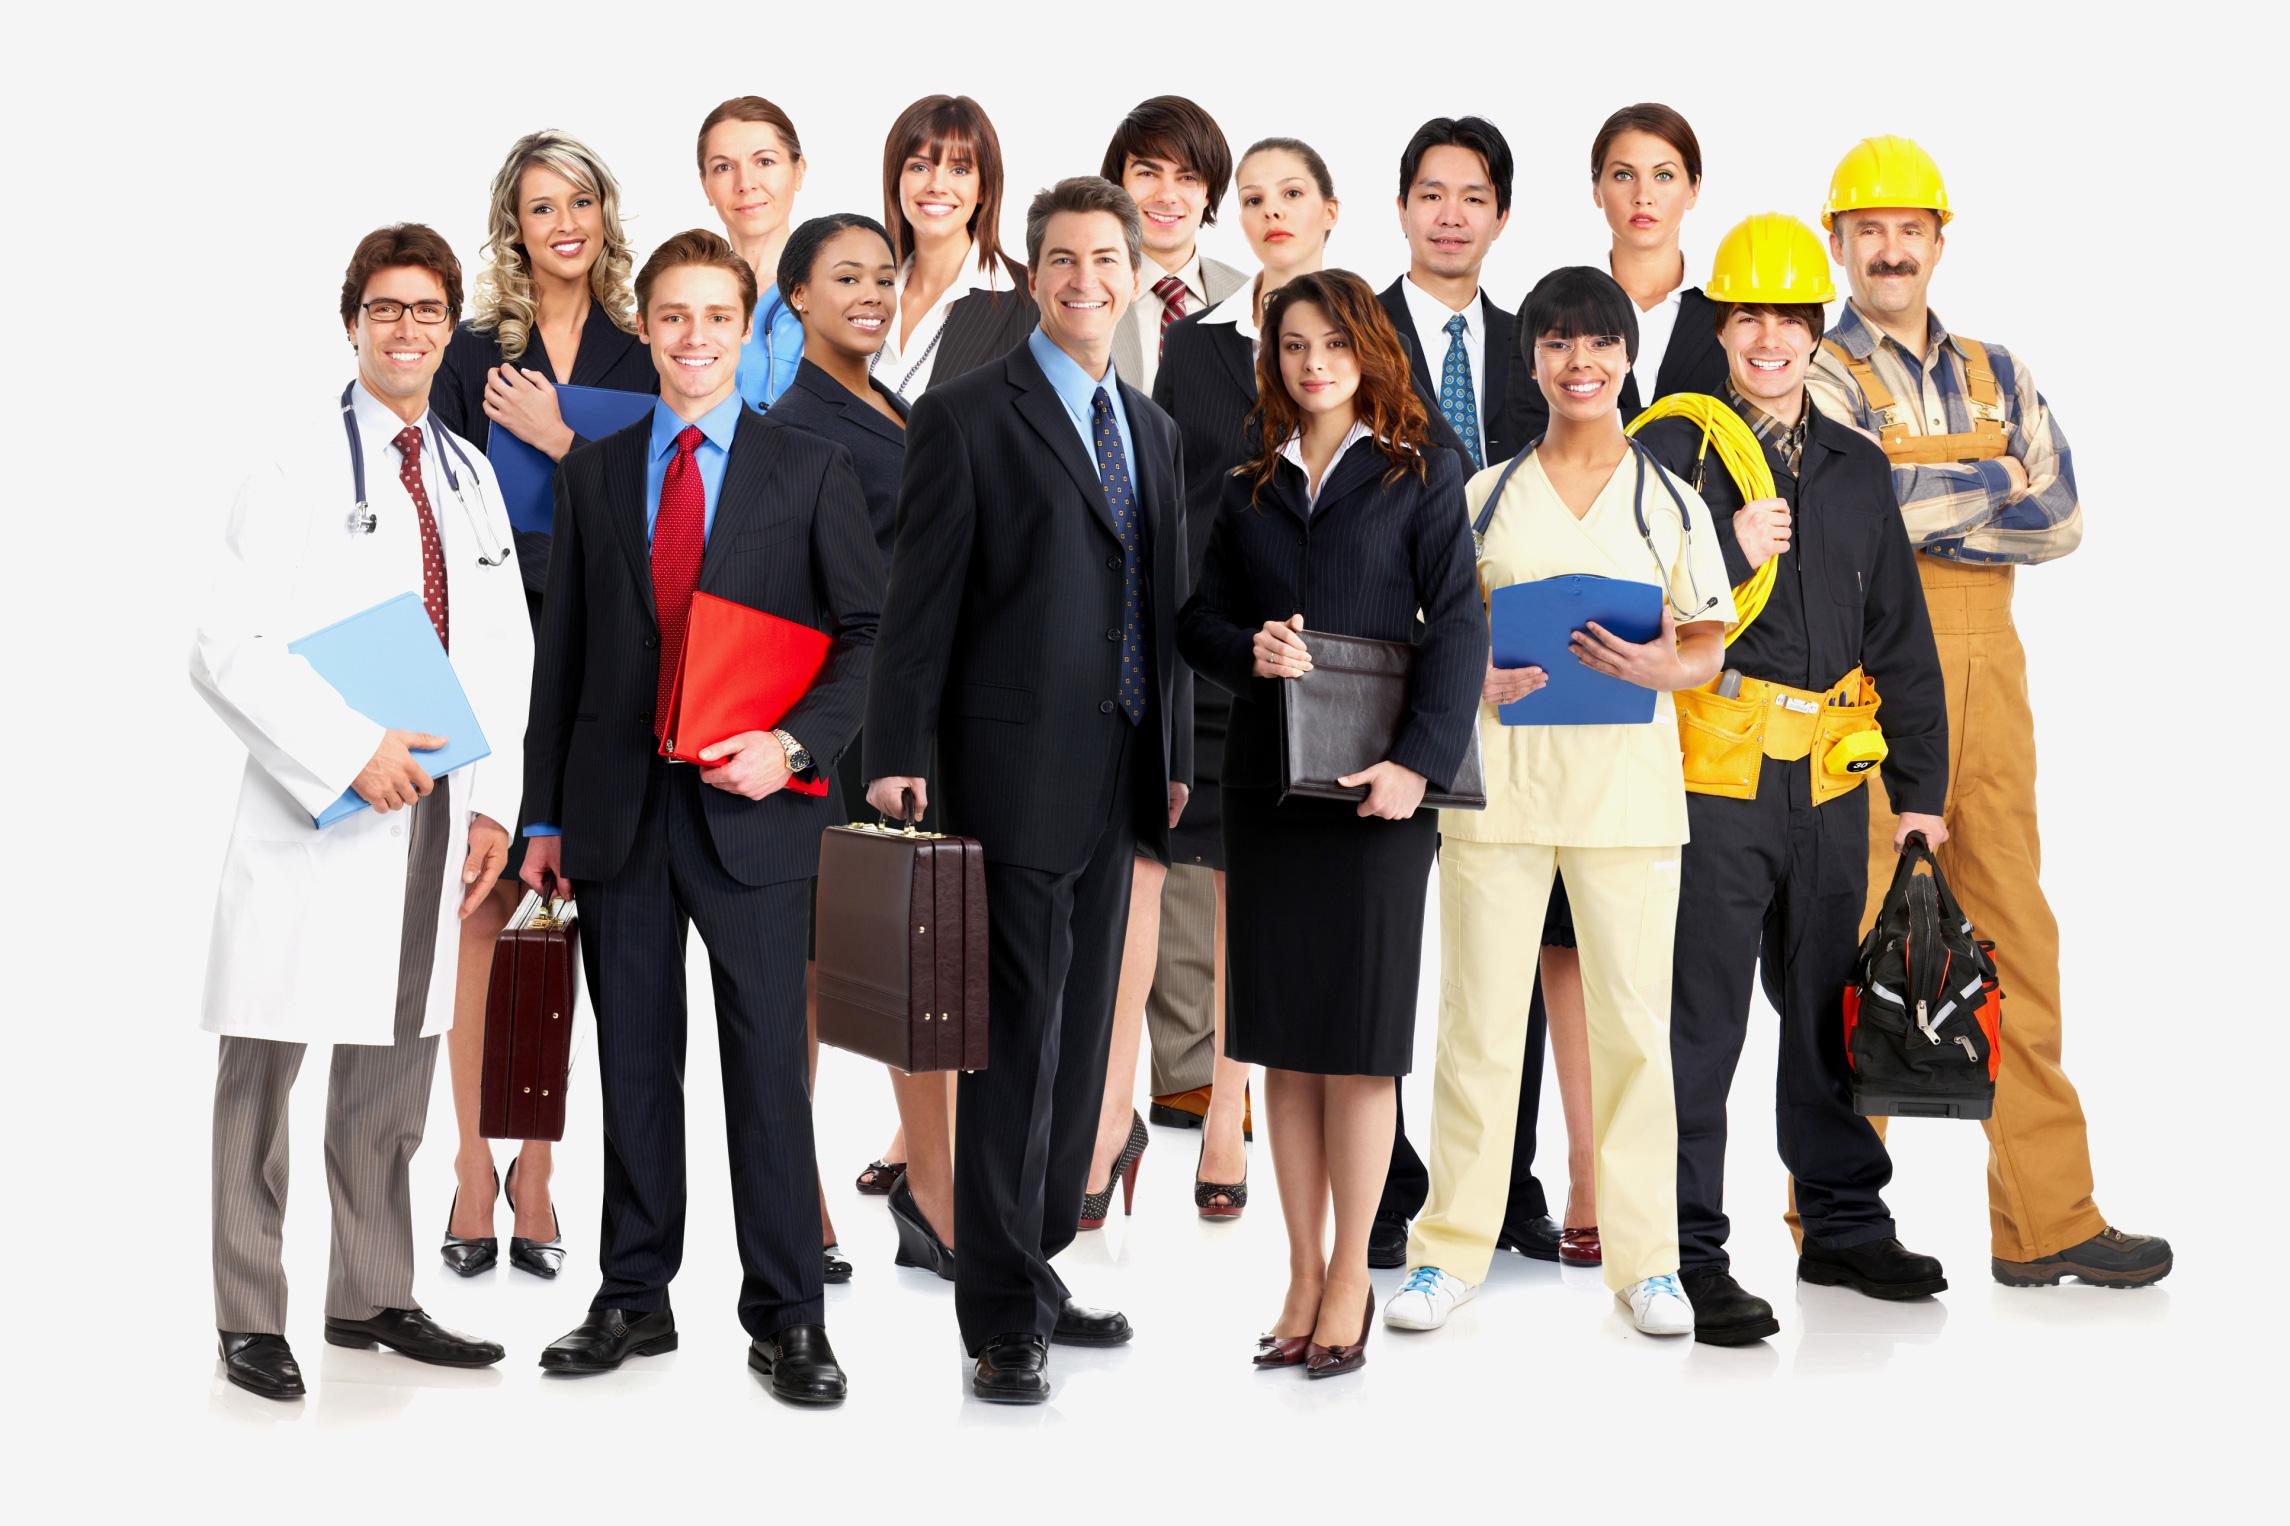 מגוון מקצועות (צילום: realsimple.com)